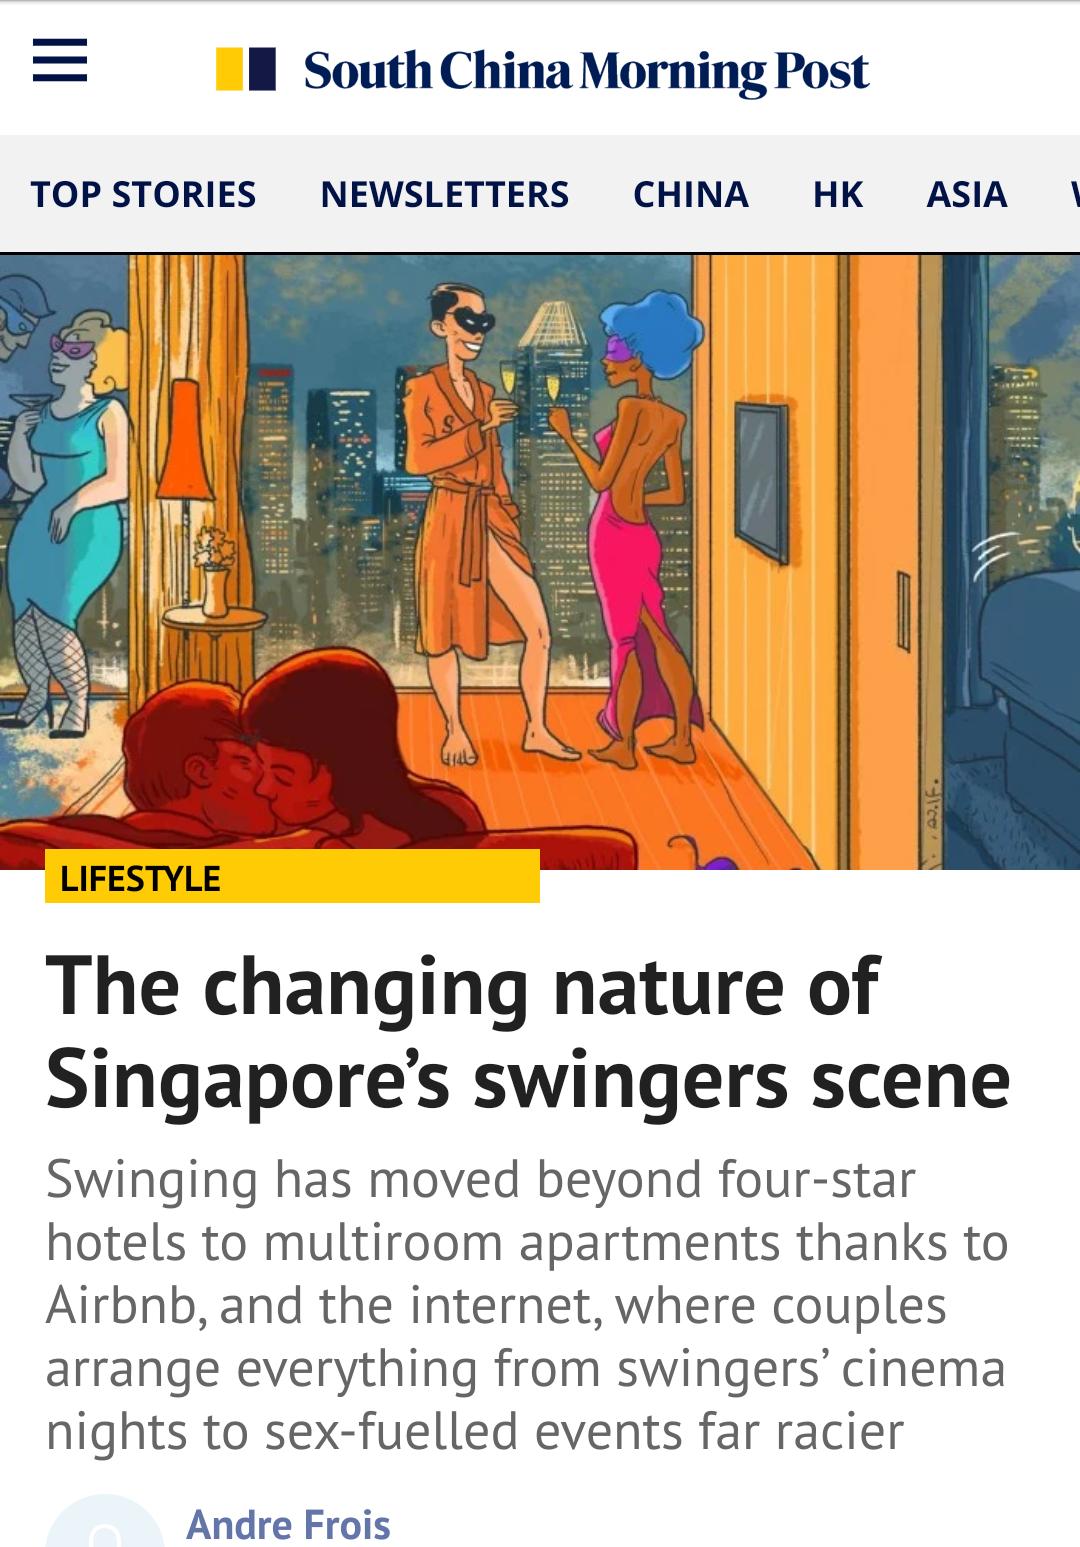 Swingers story for SCMP